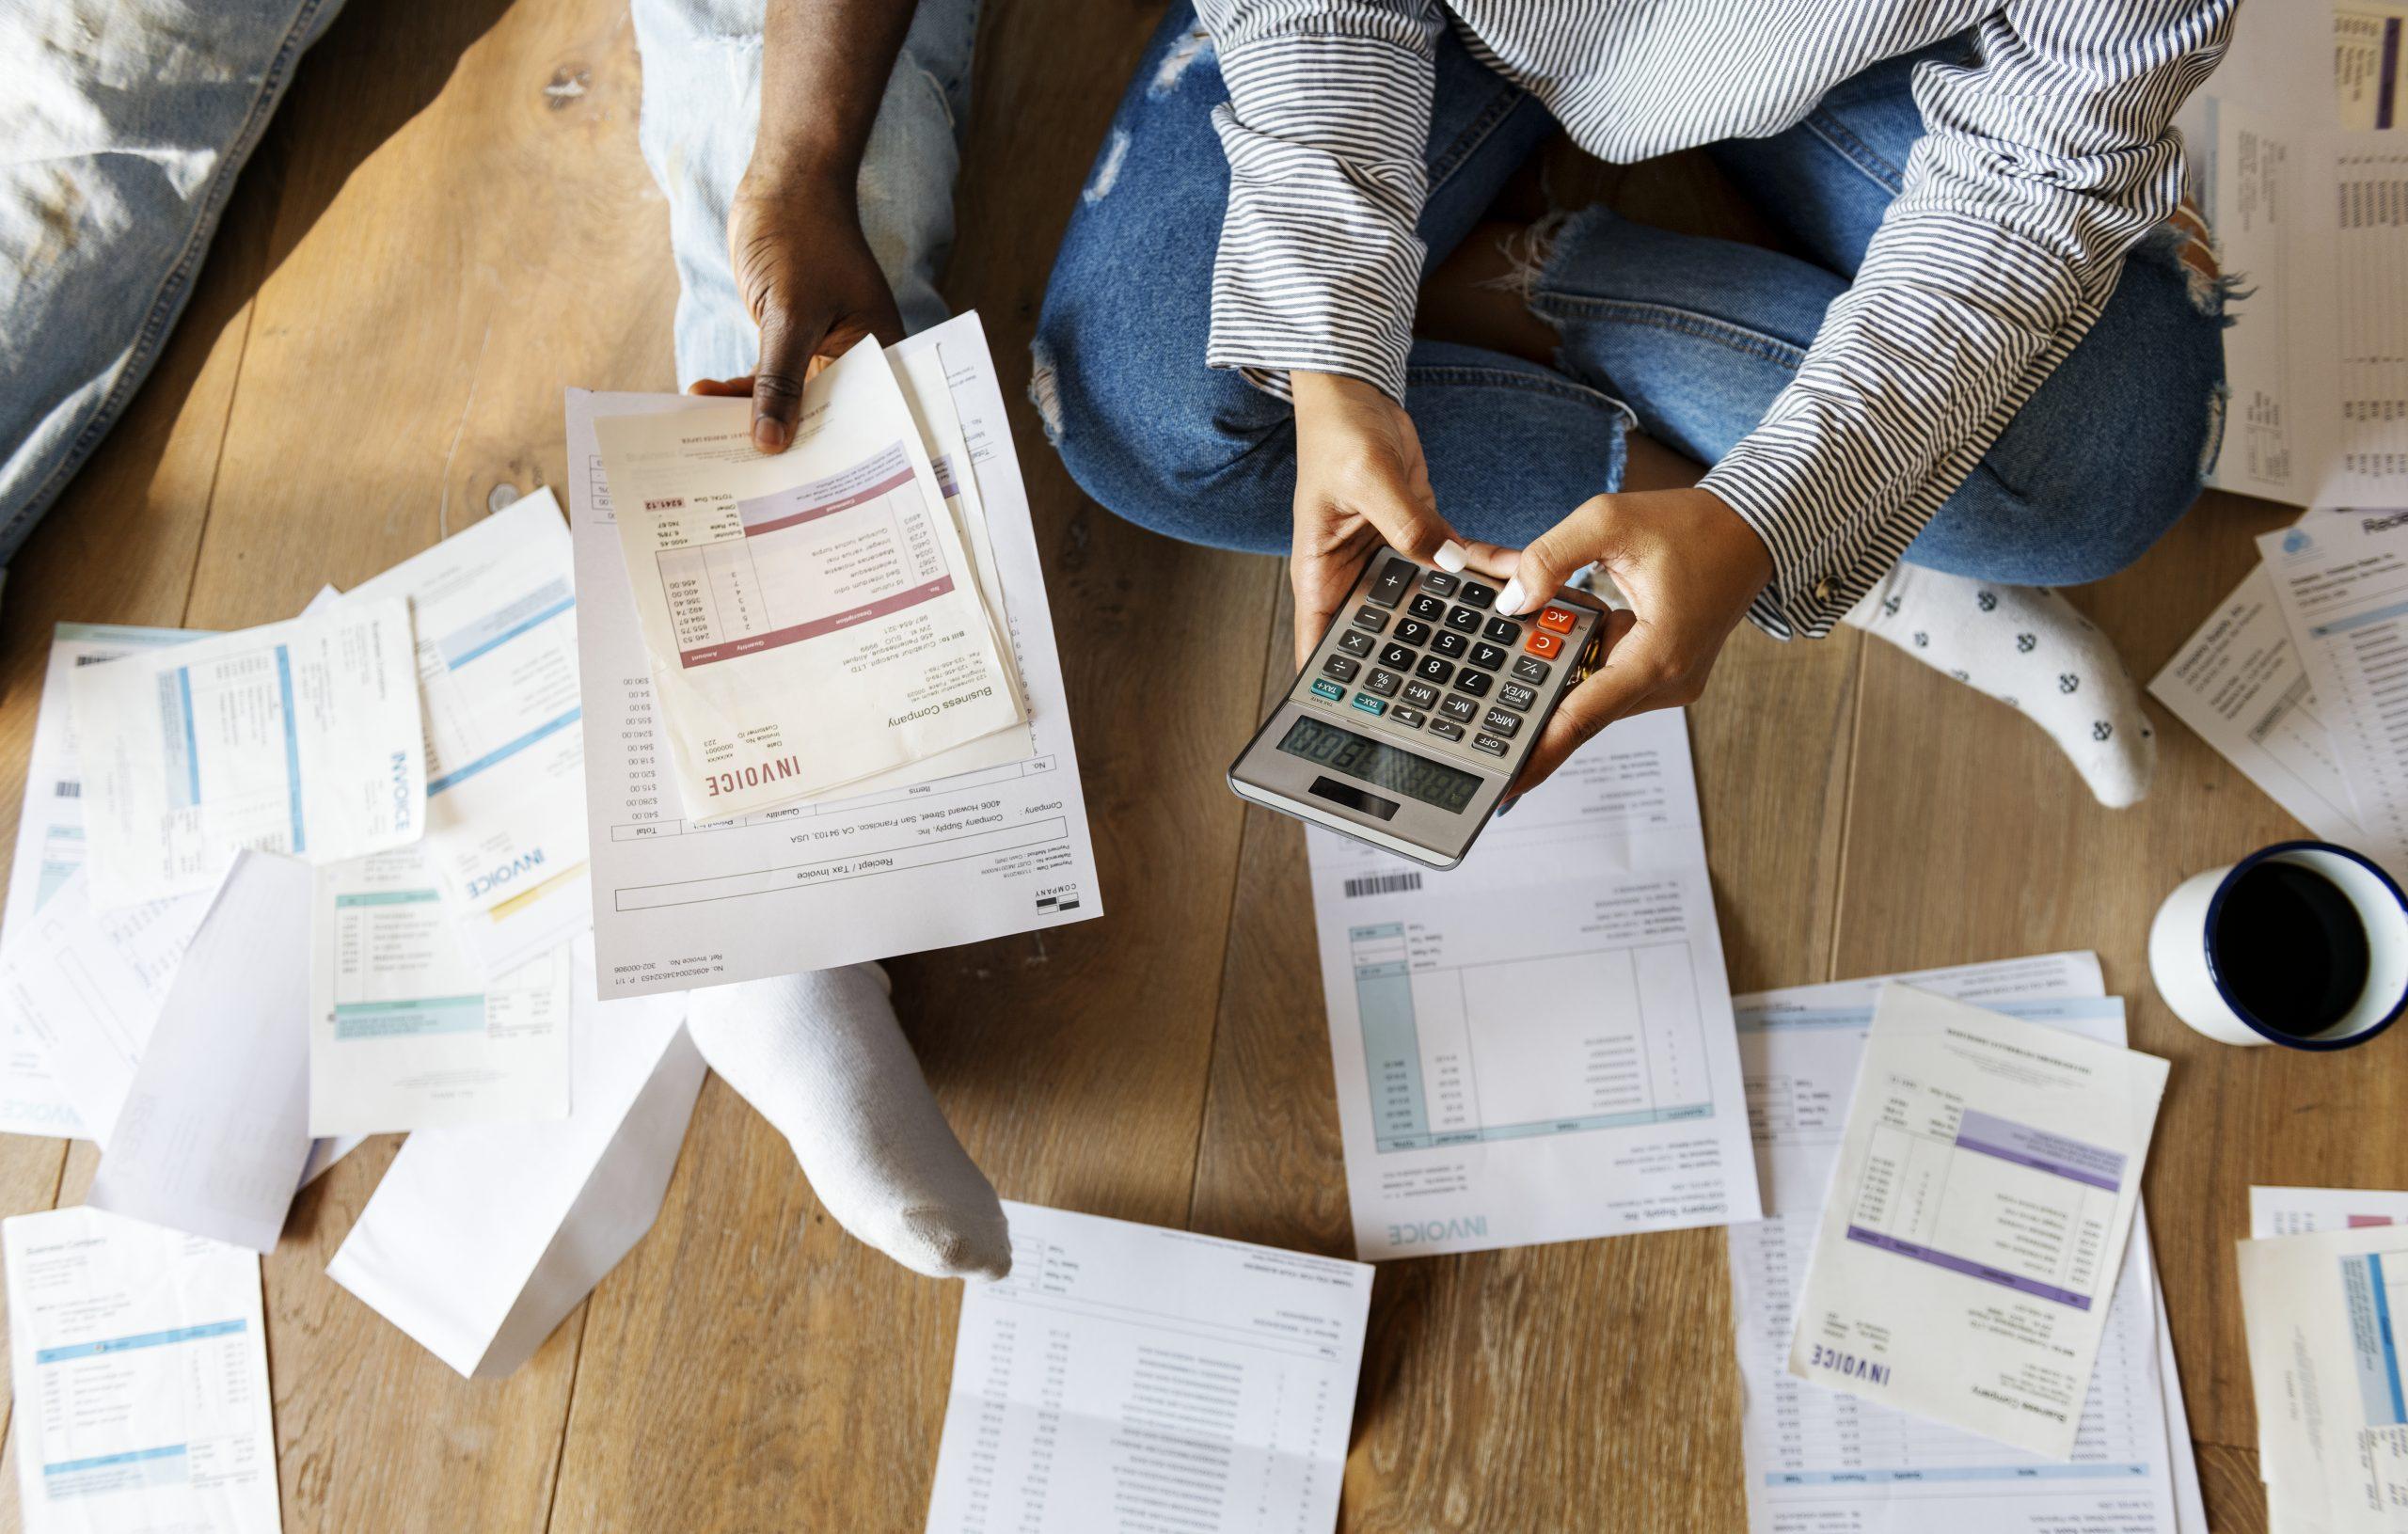 Usufruto de ações: dividendos estão livres de IR